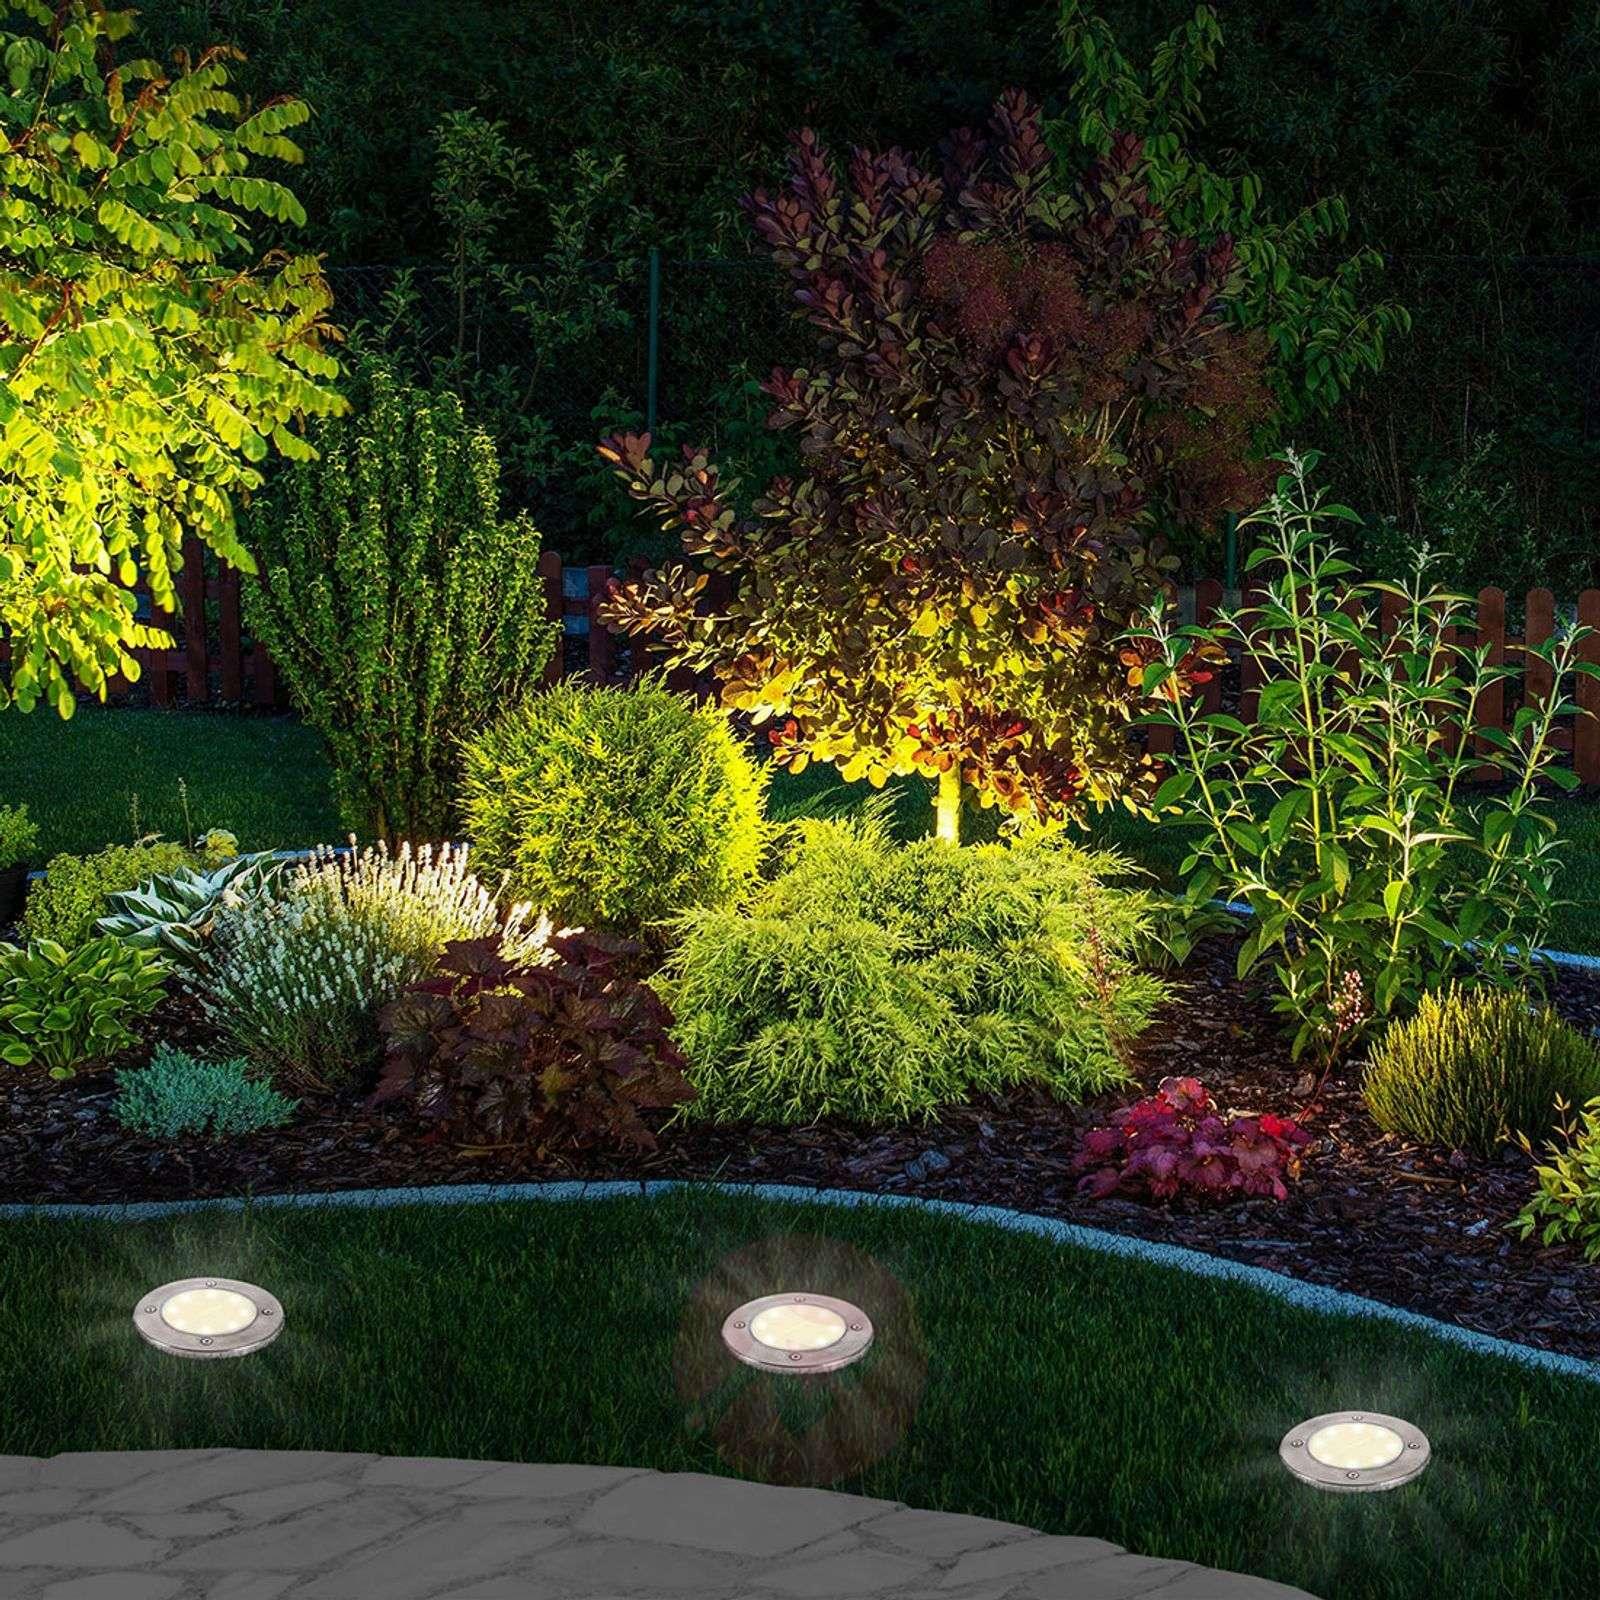 Aurinkokäyttöinen LED-maapiikkivalaisin Ronda 3kpl-7001065-01